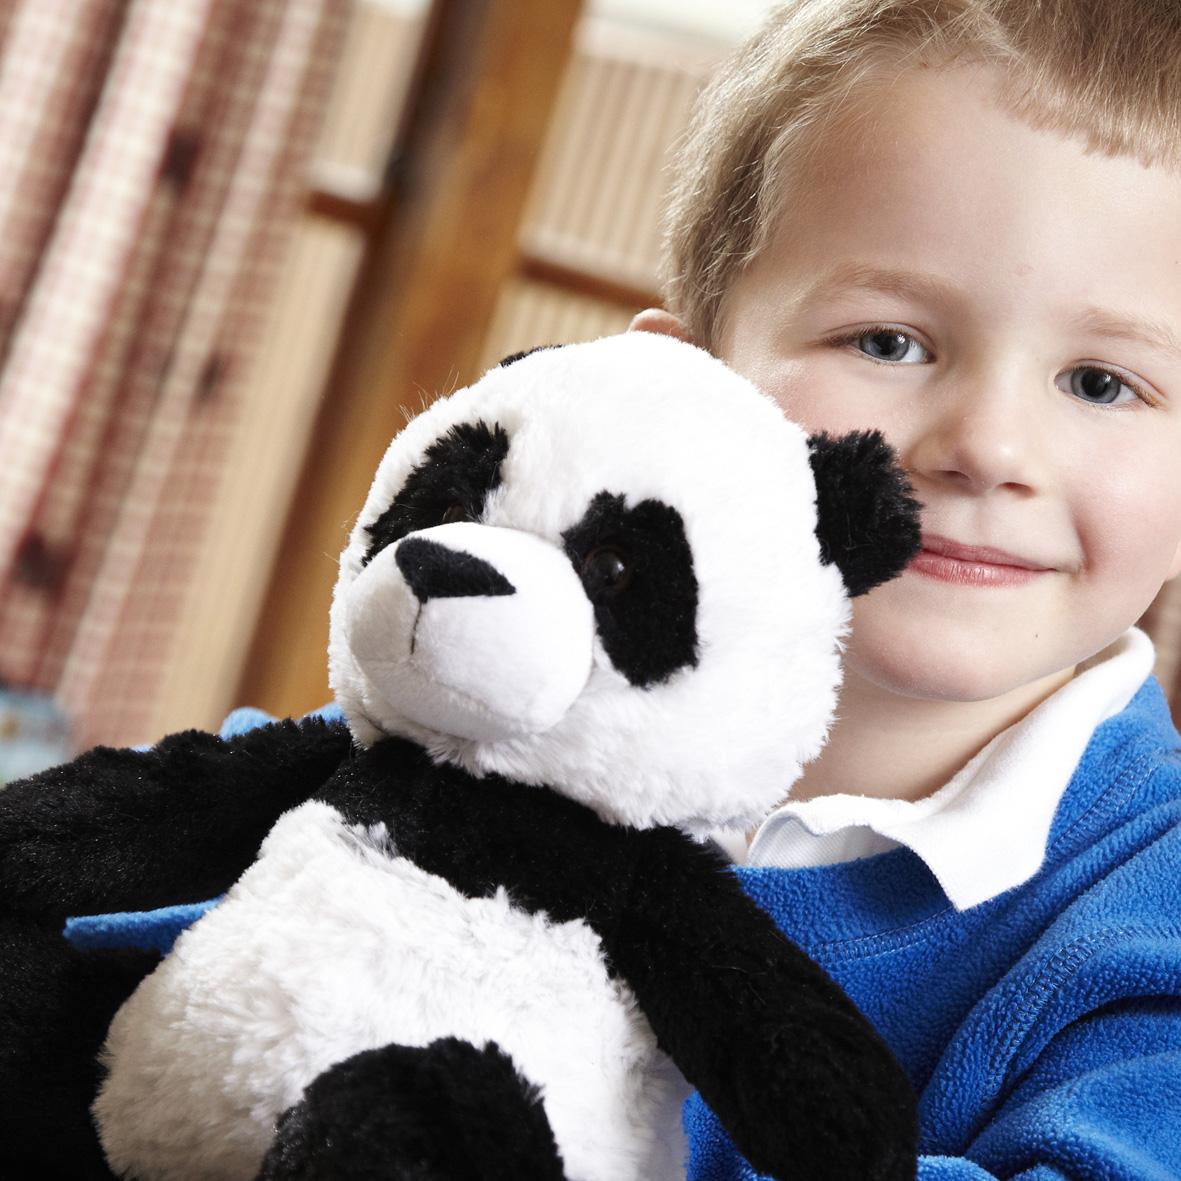 Пинкл (Pinkl) | Игрушка-грелка Панда | Cozy Plush Microwaveable Soft Toy Panda Intelex